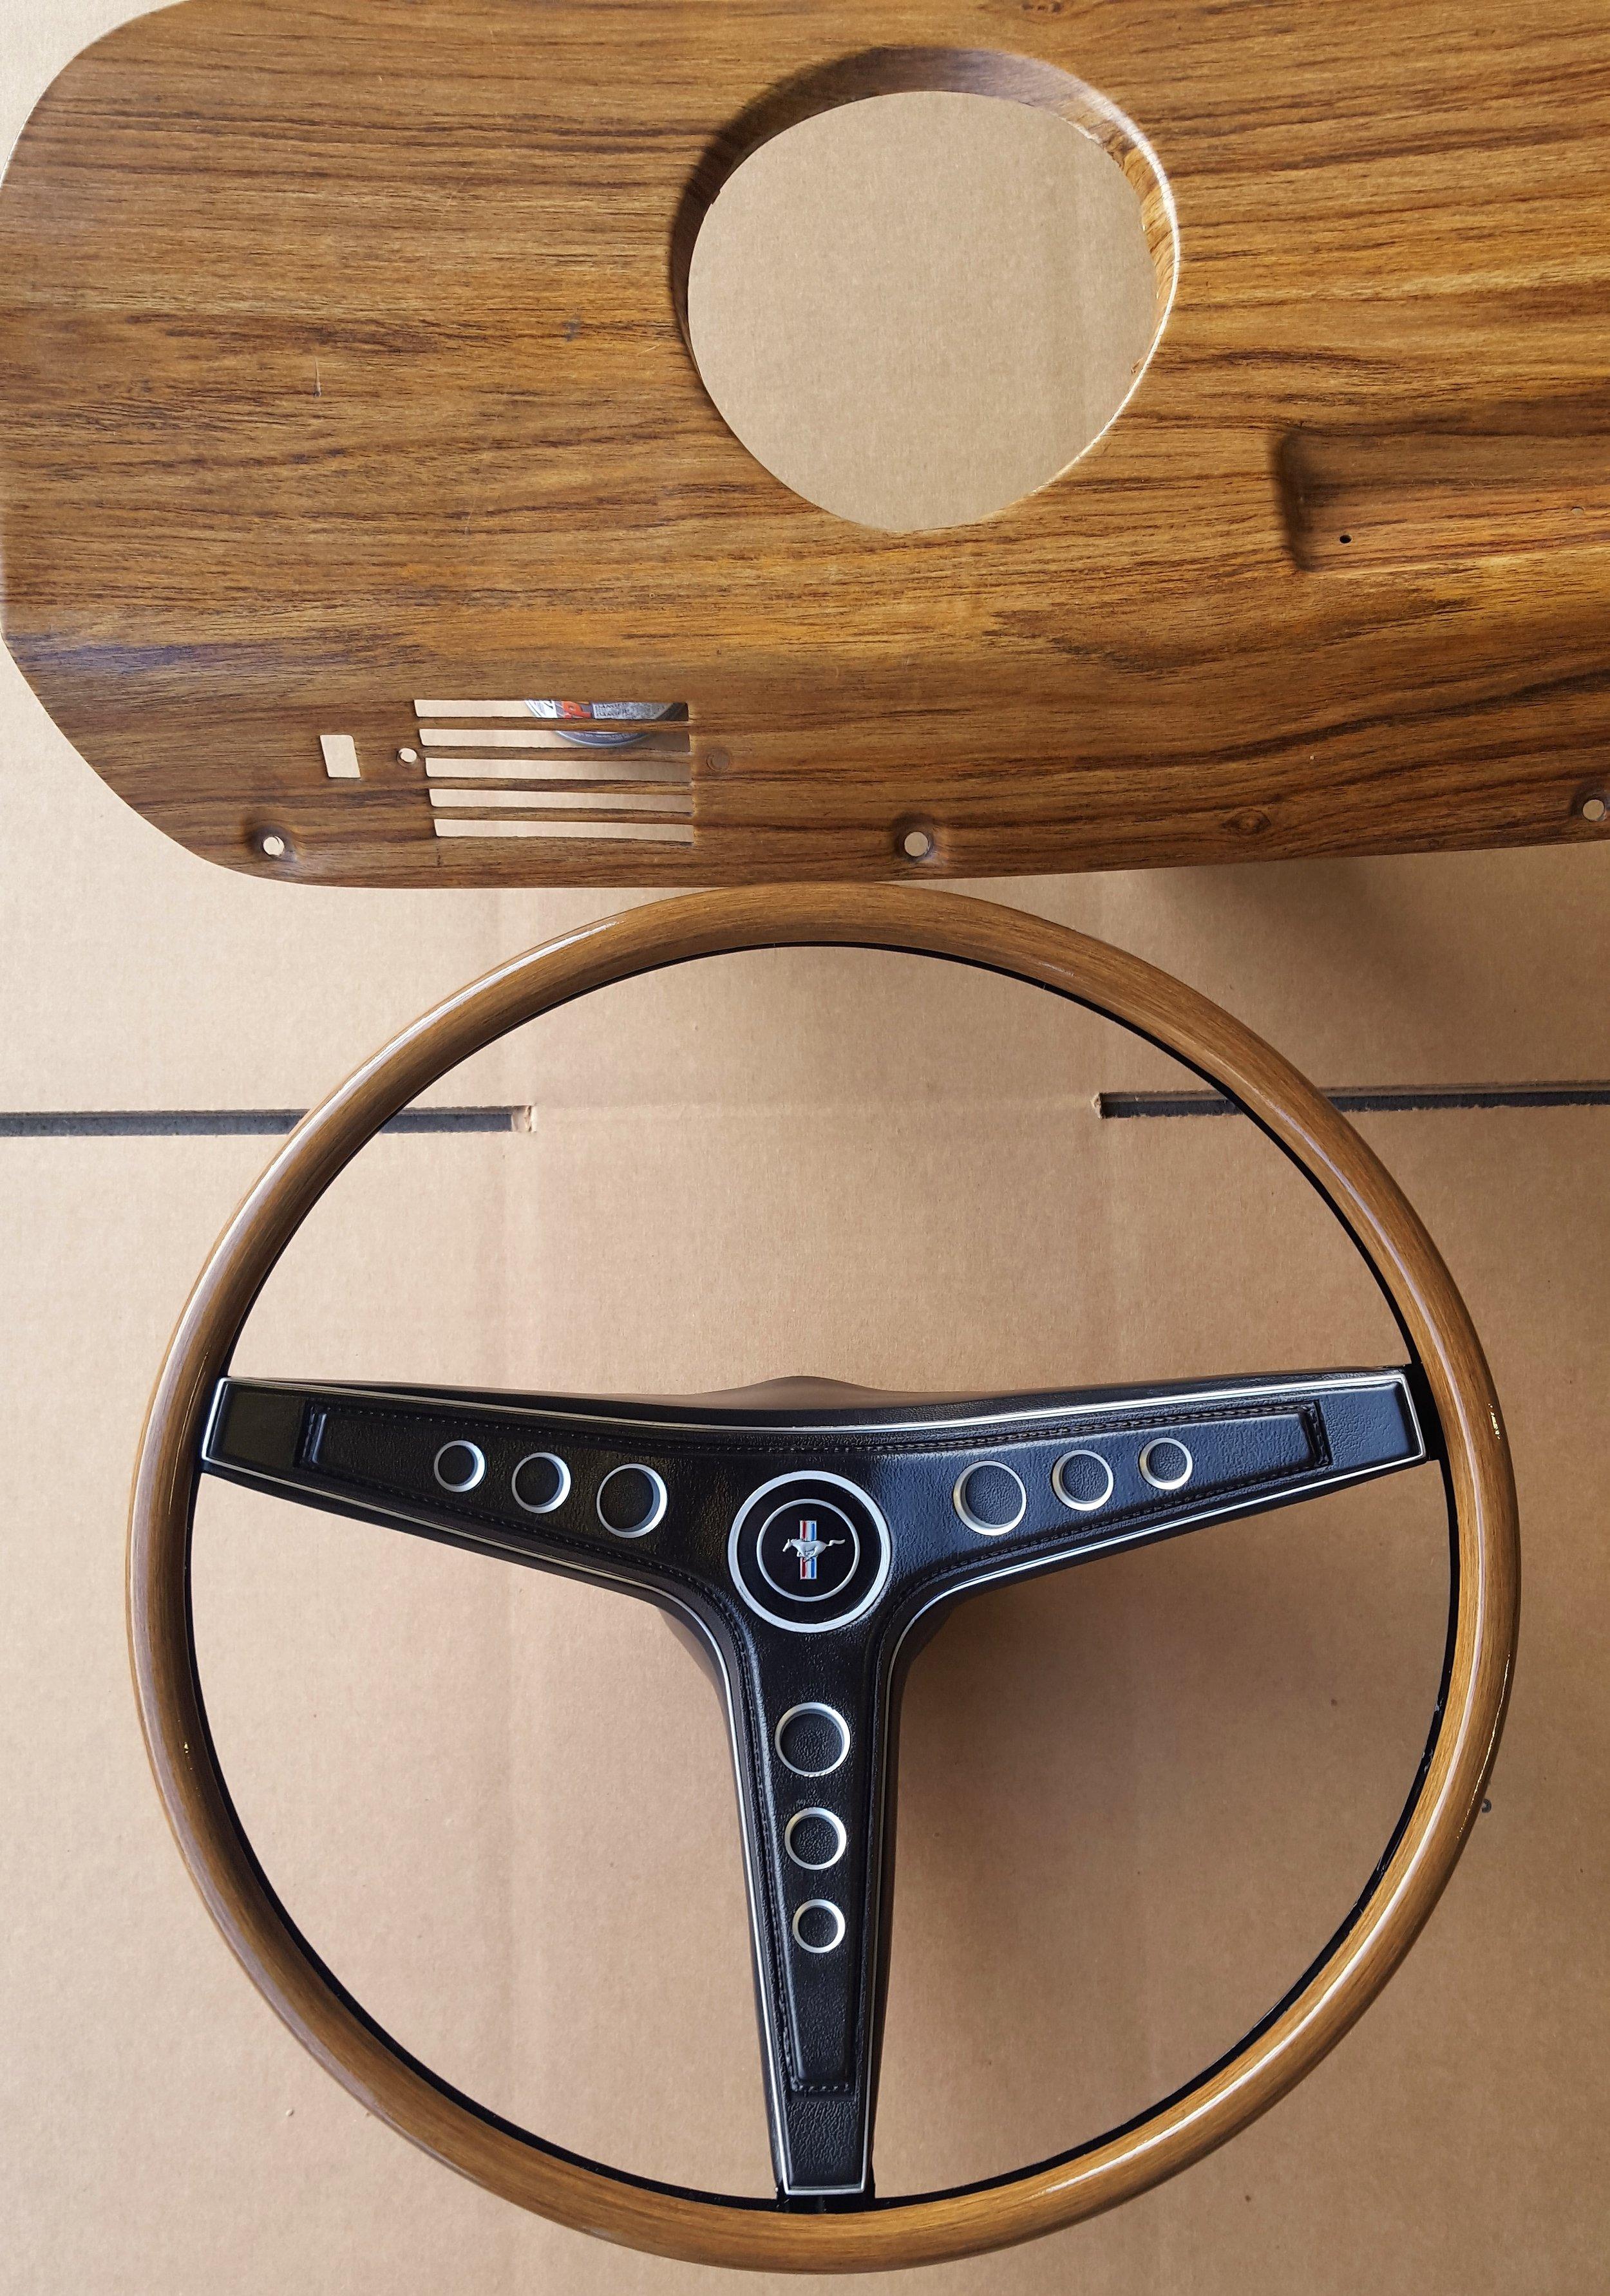 1969 Mustang rim blow steering wheel - TEAK